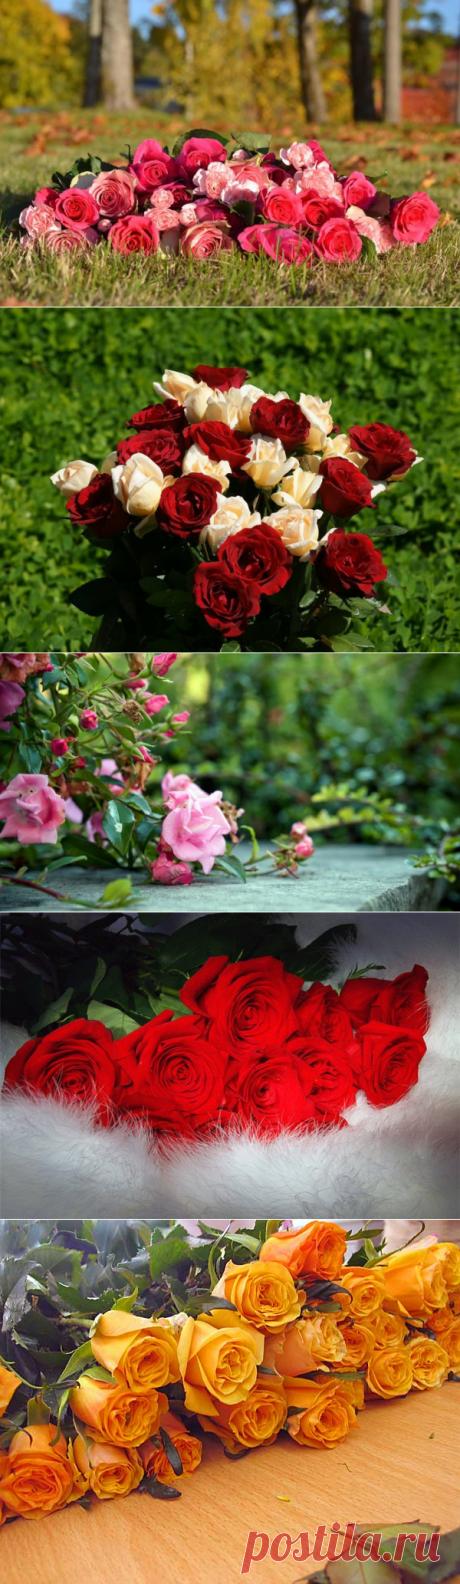 Натюрморт Розы брошены